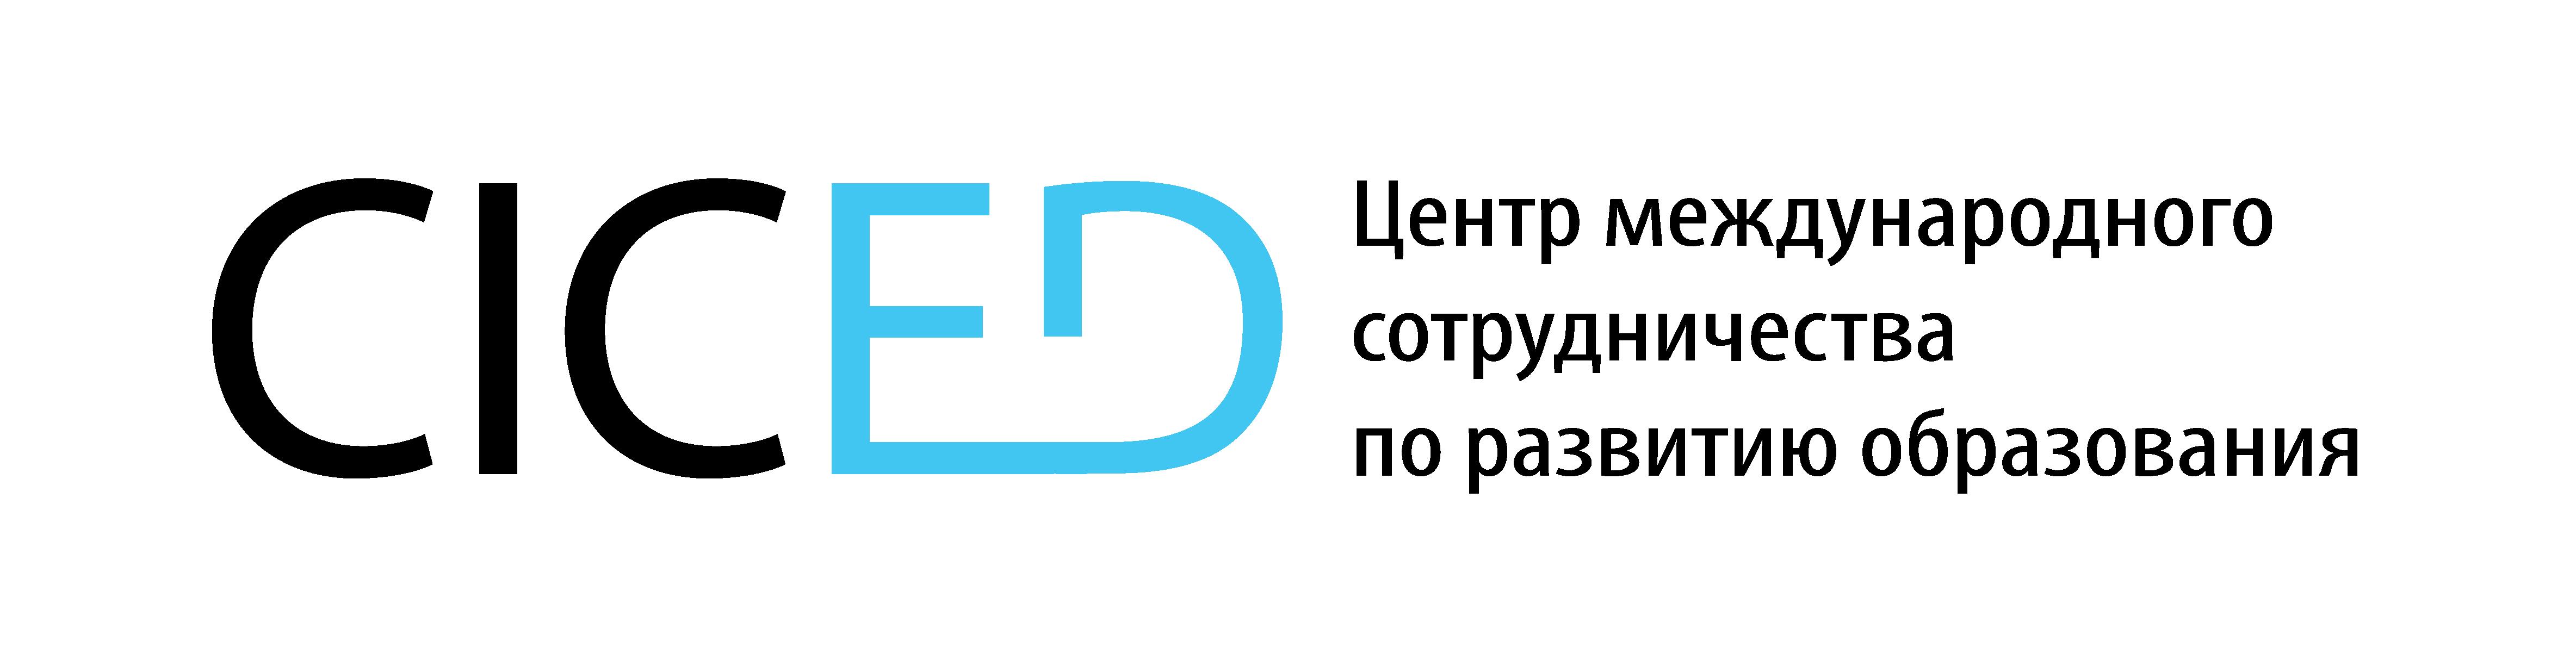 SISED-01